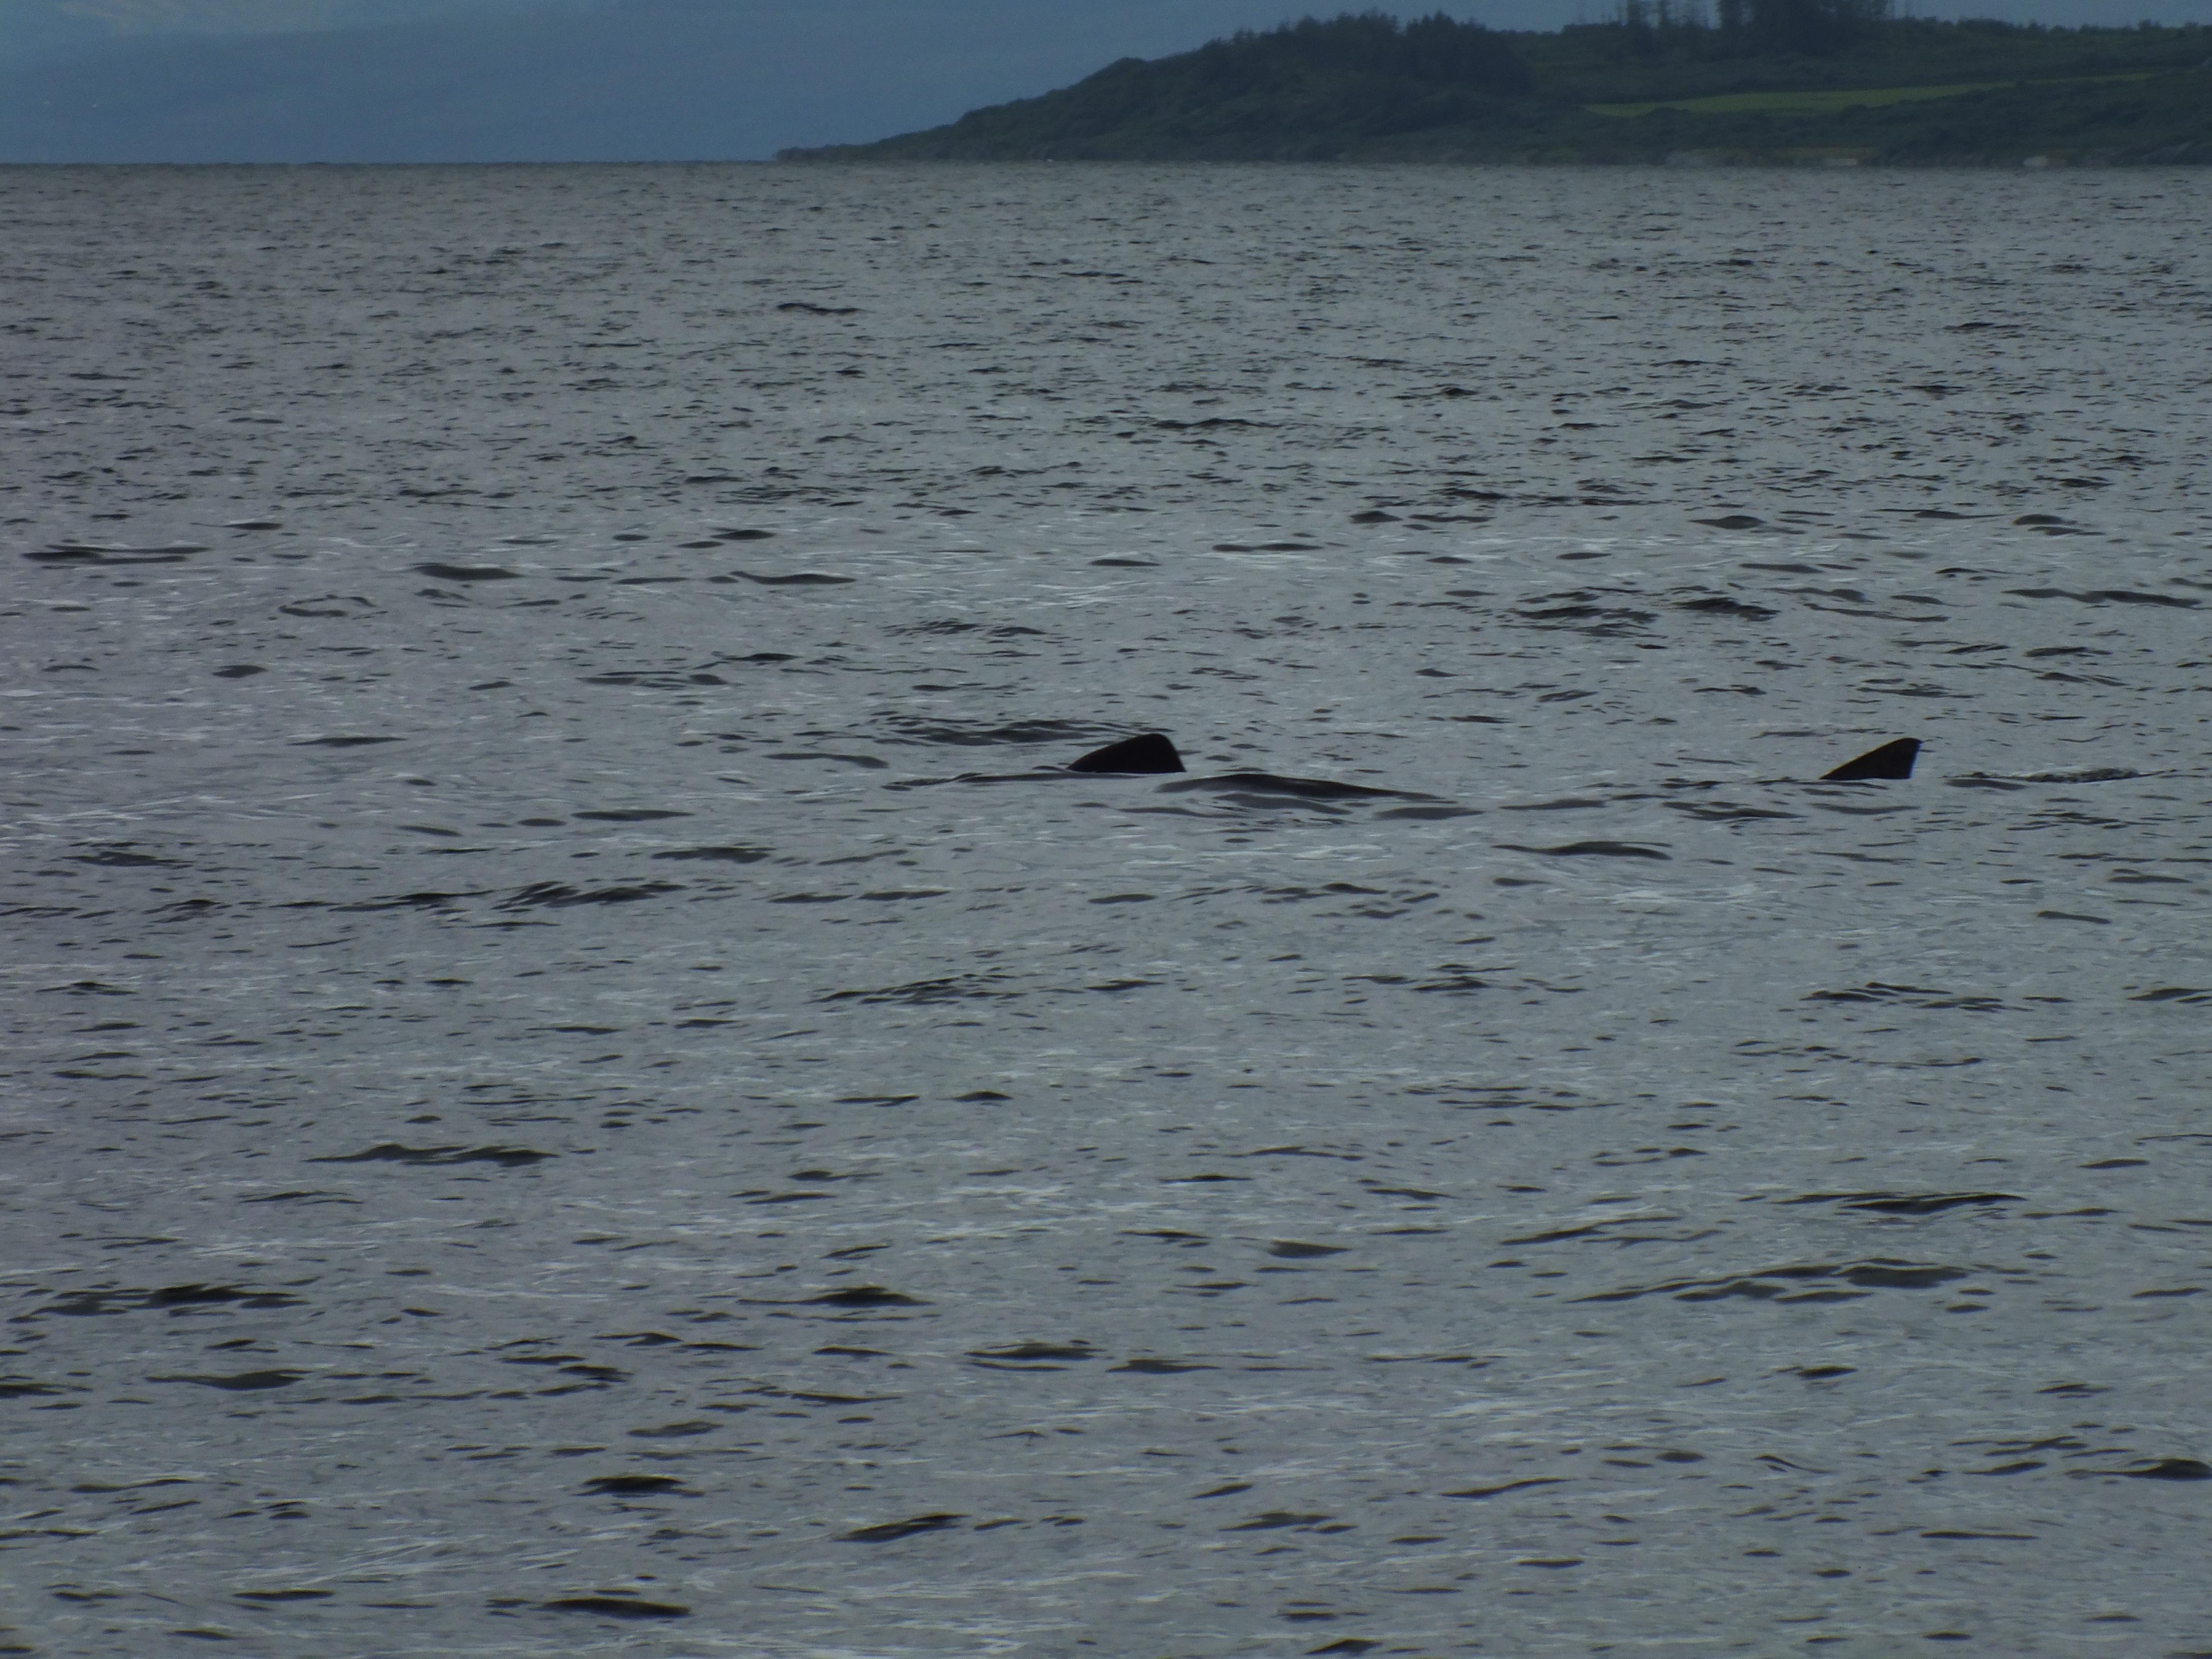 A basking shark at play